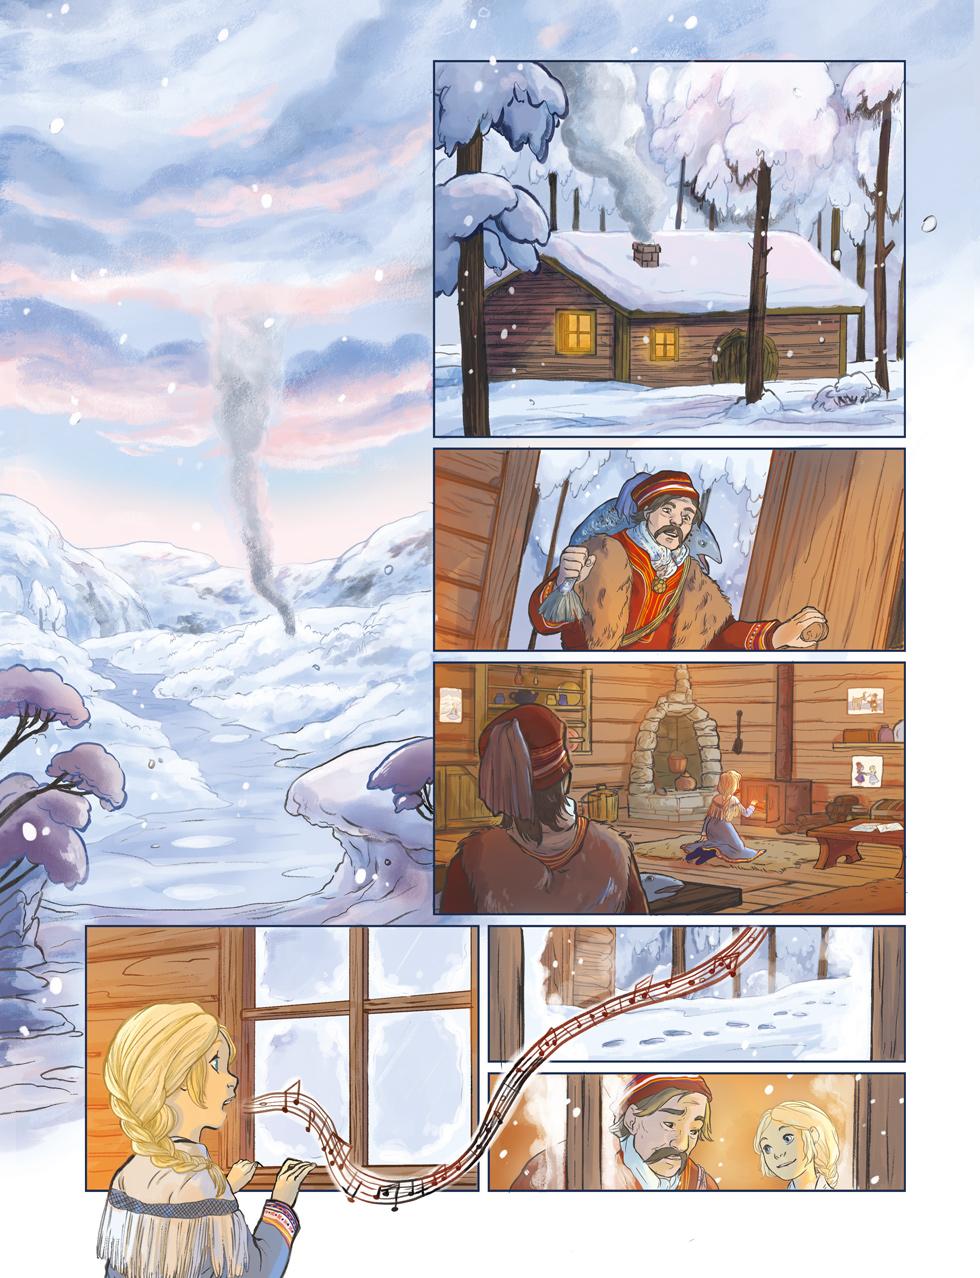 Les voyages de lotta-page 01-comic-Jungle Edition